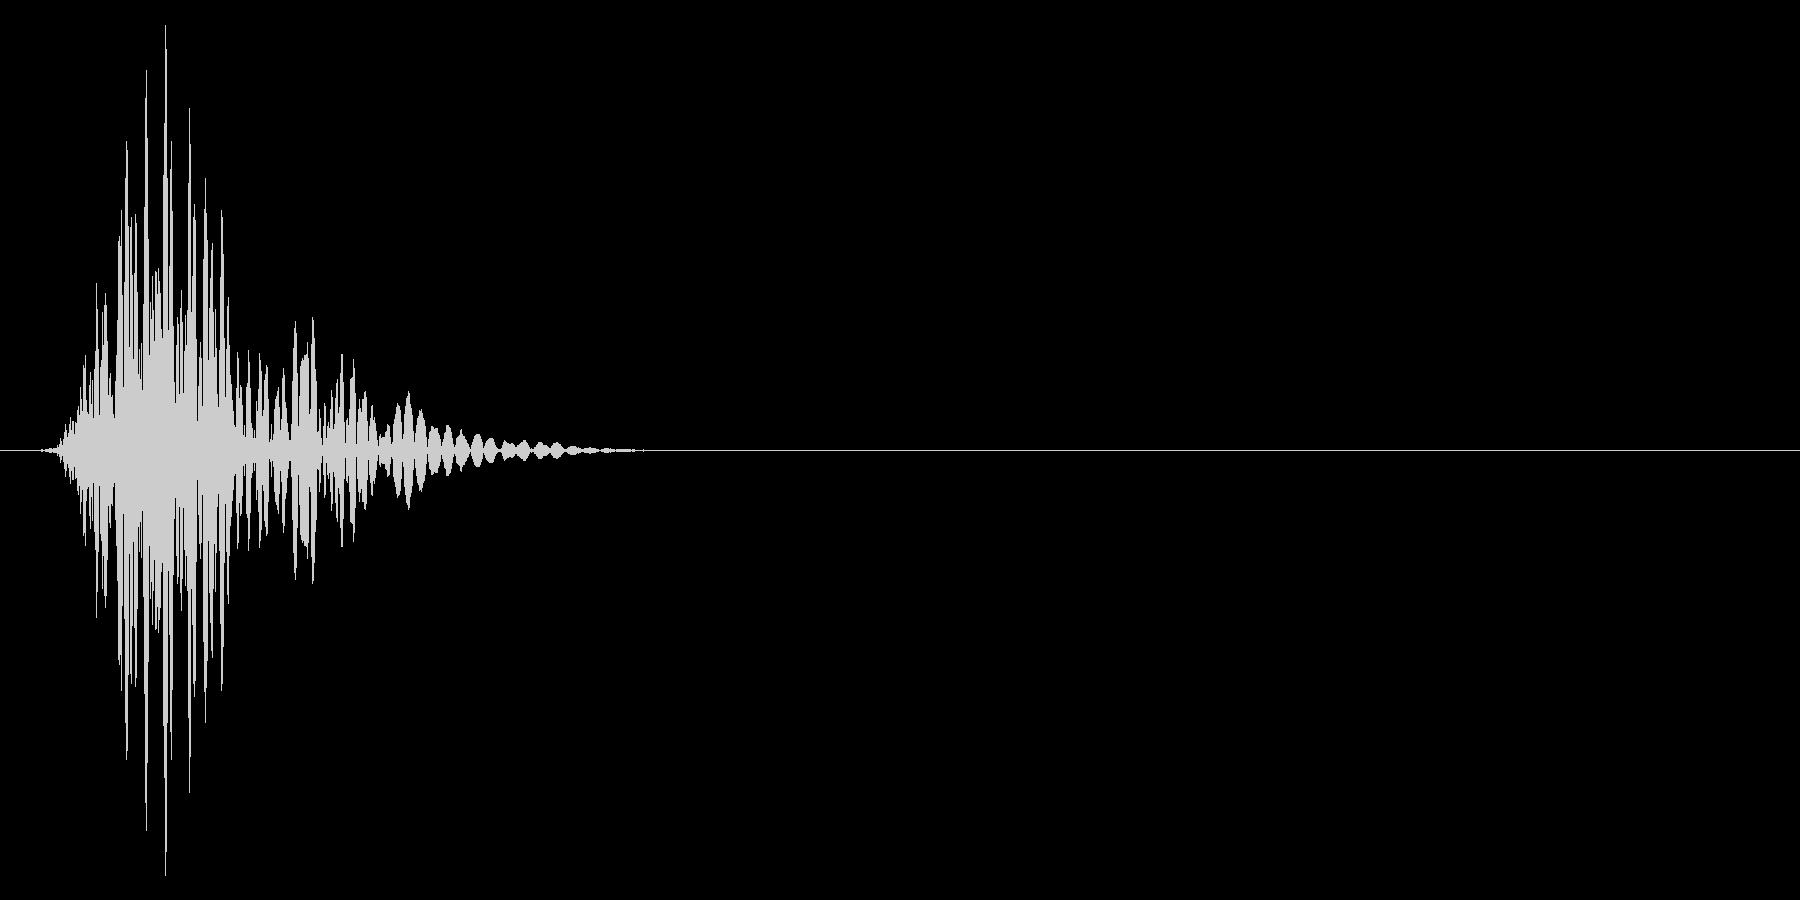 ゲーム掛け声ゾンビ1オッ1の未再生の波形